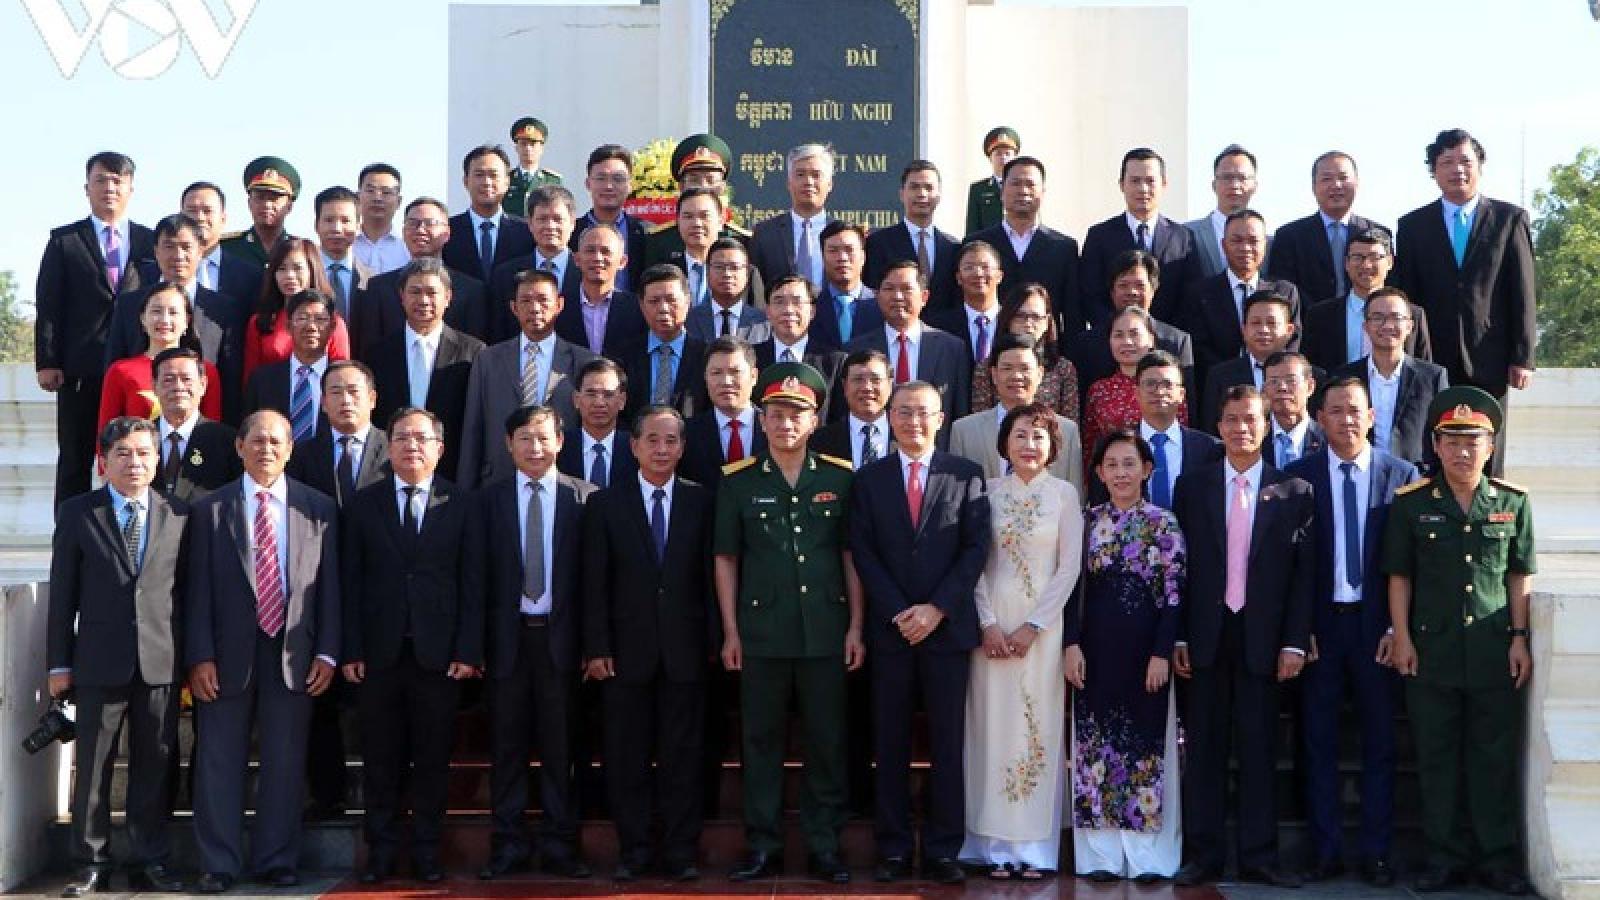 Cộng đồng người Việt tại Campuchia dâng hương nhân kỷ niệm Quốc khánh